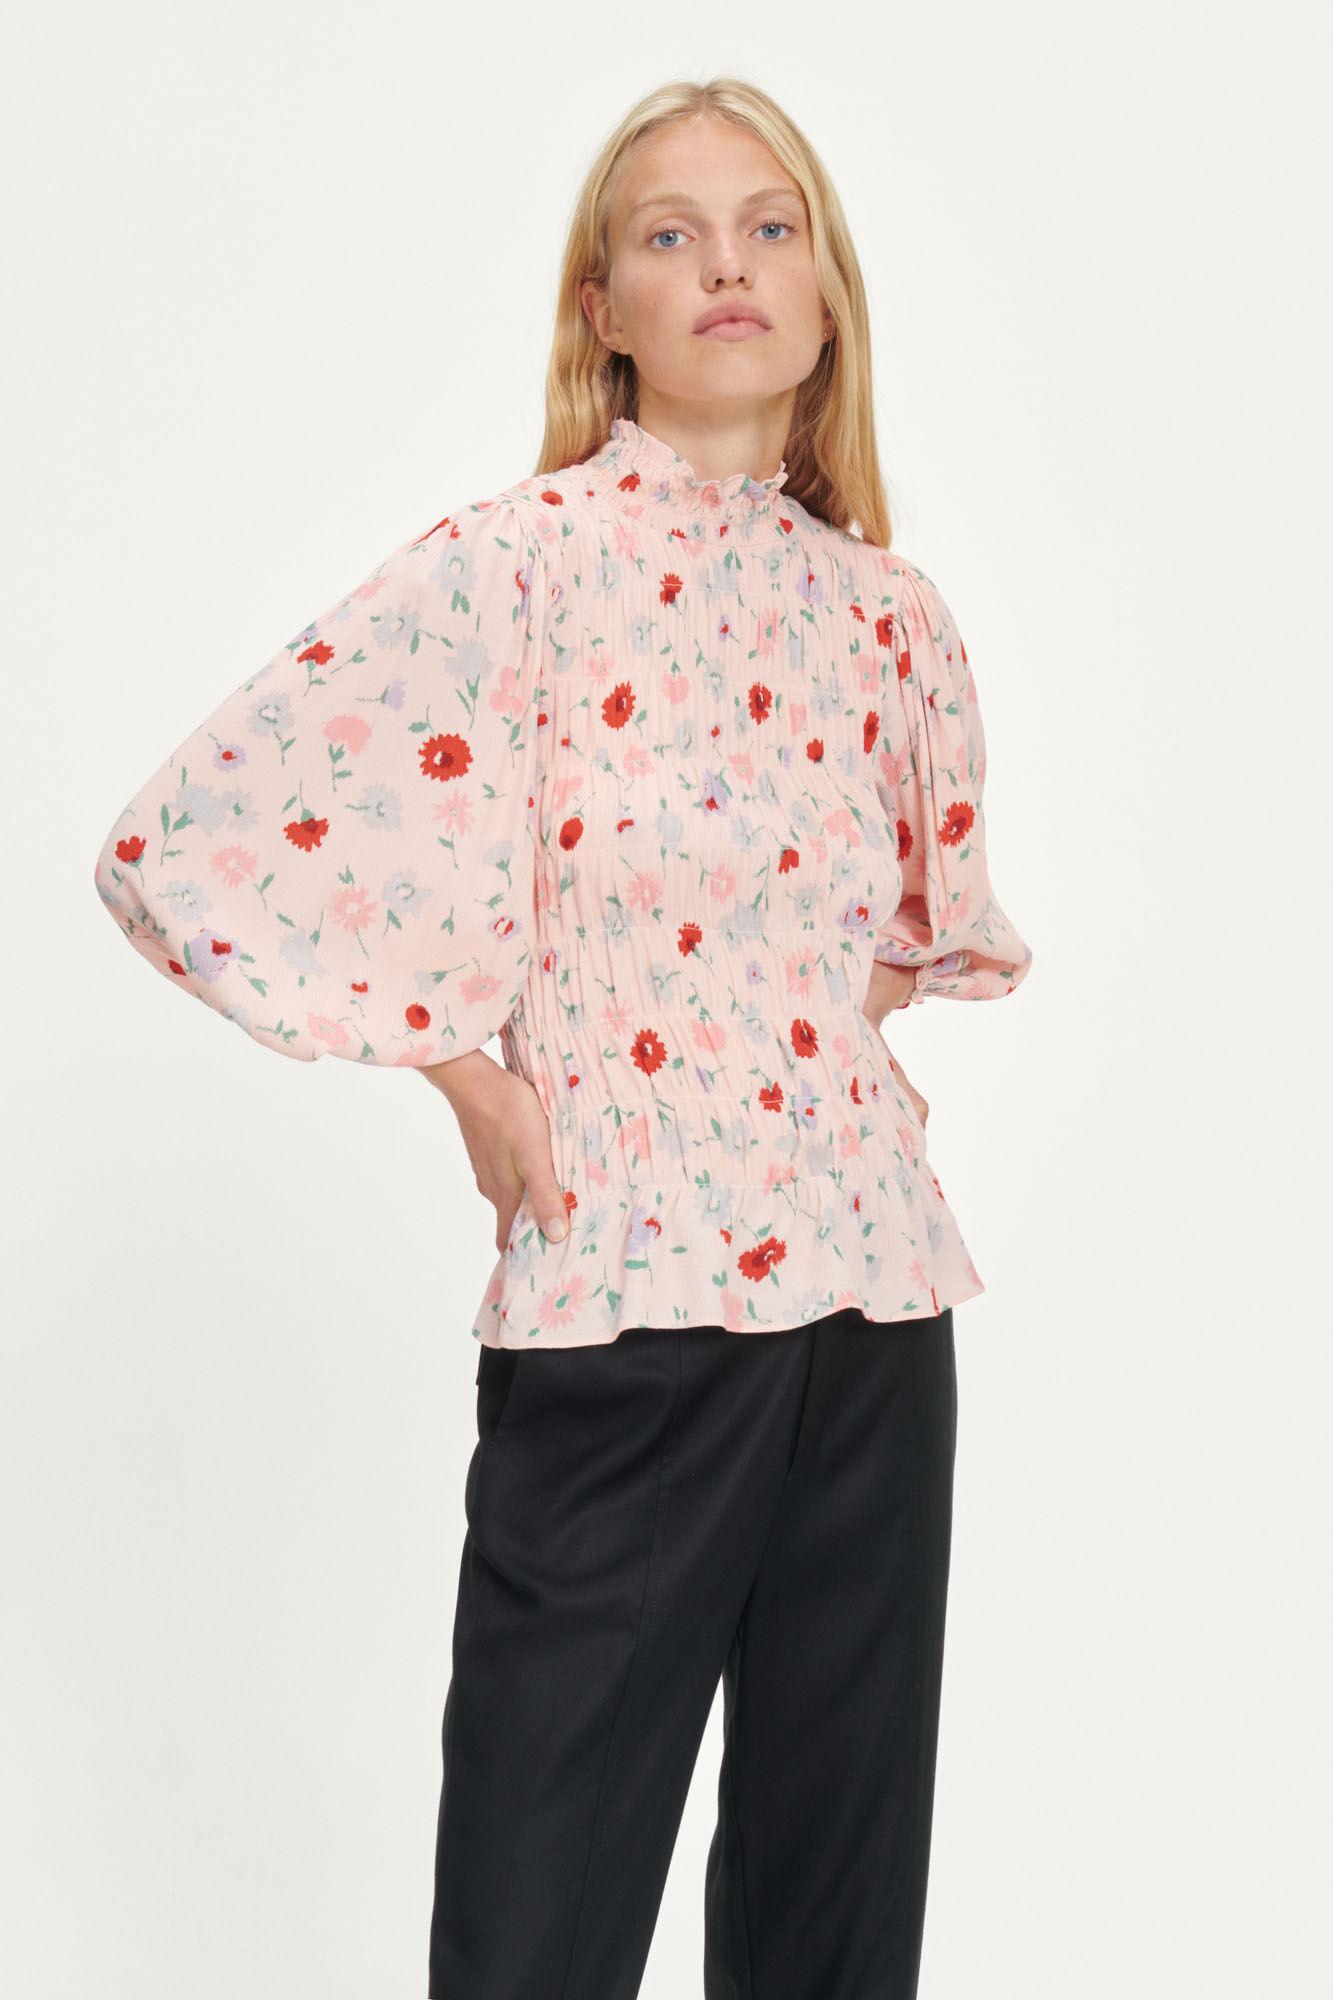 Sarami blouse aop 13018